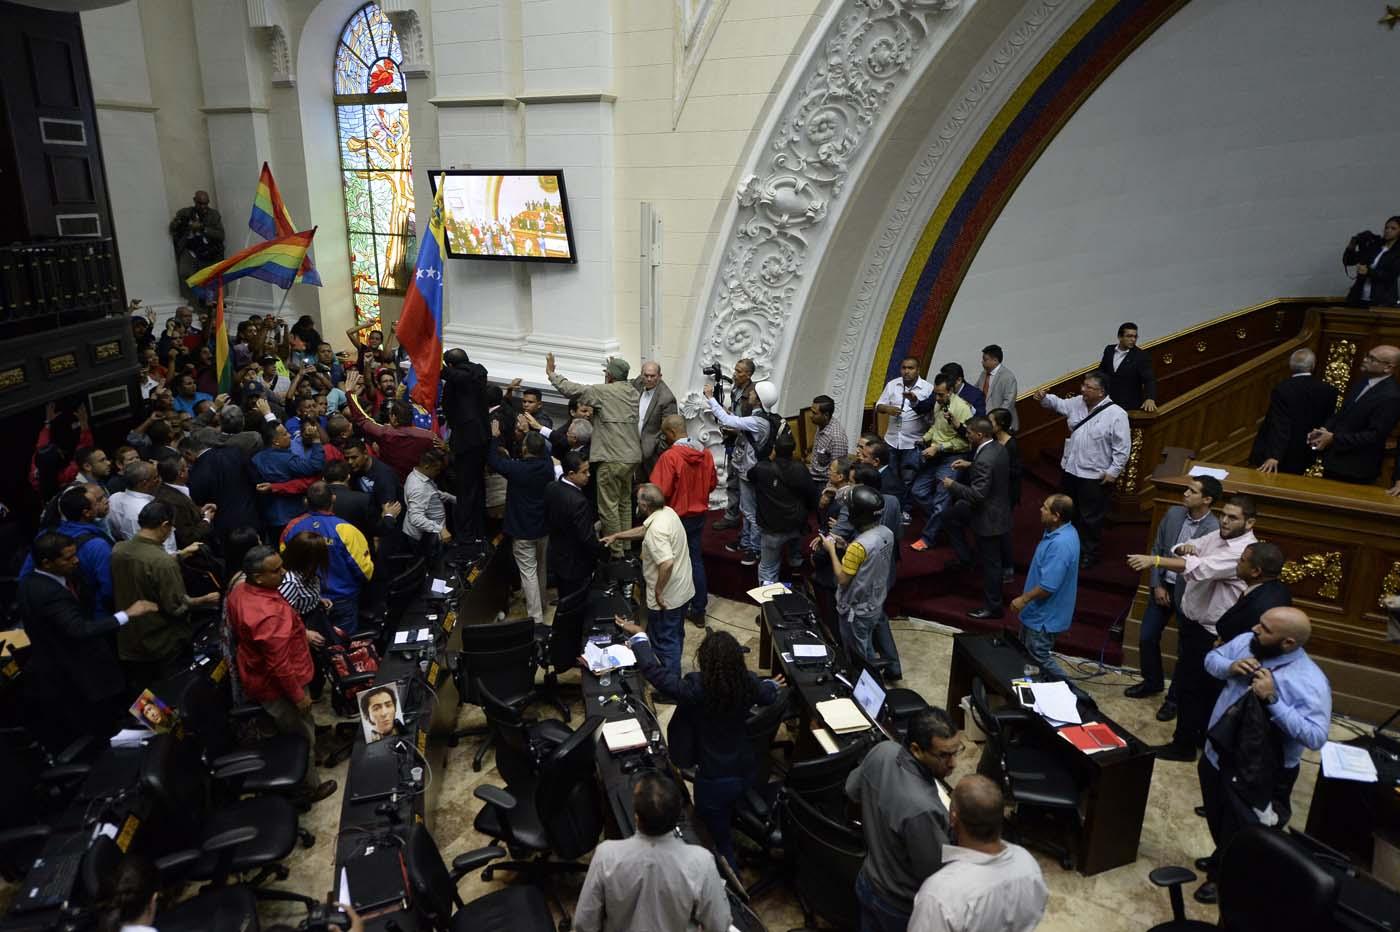 Gobierno de Nicolas Maduro. - Página 18 000_HF3LH